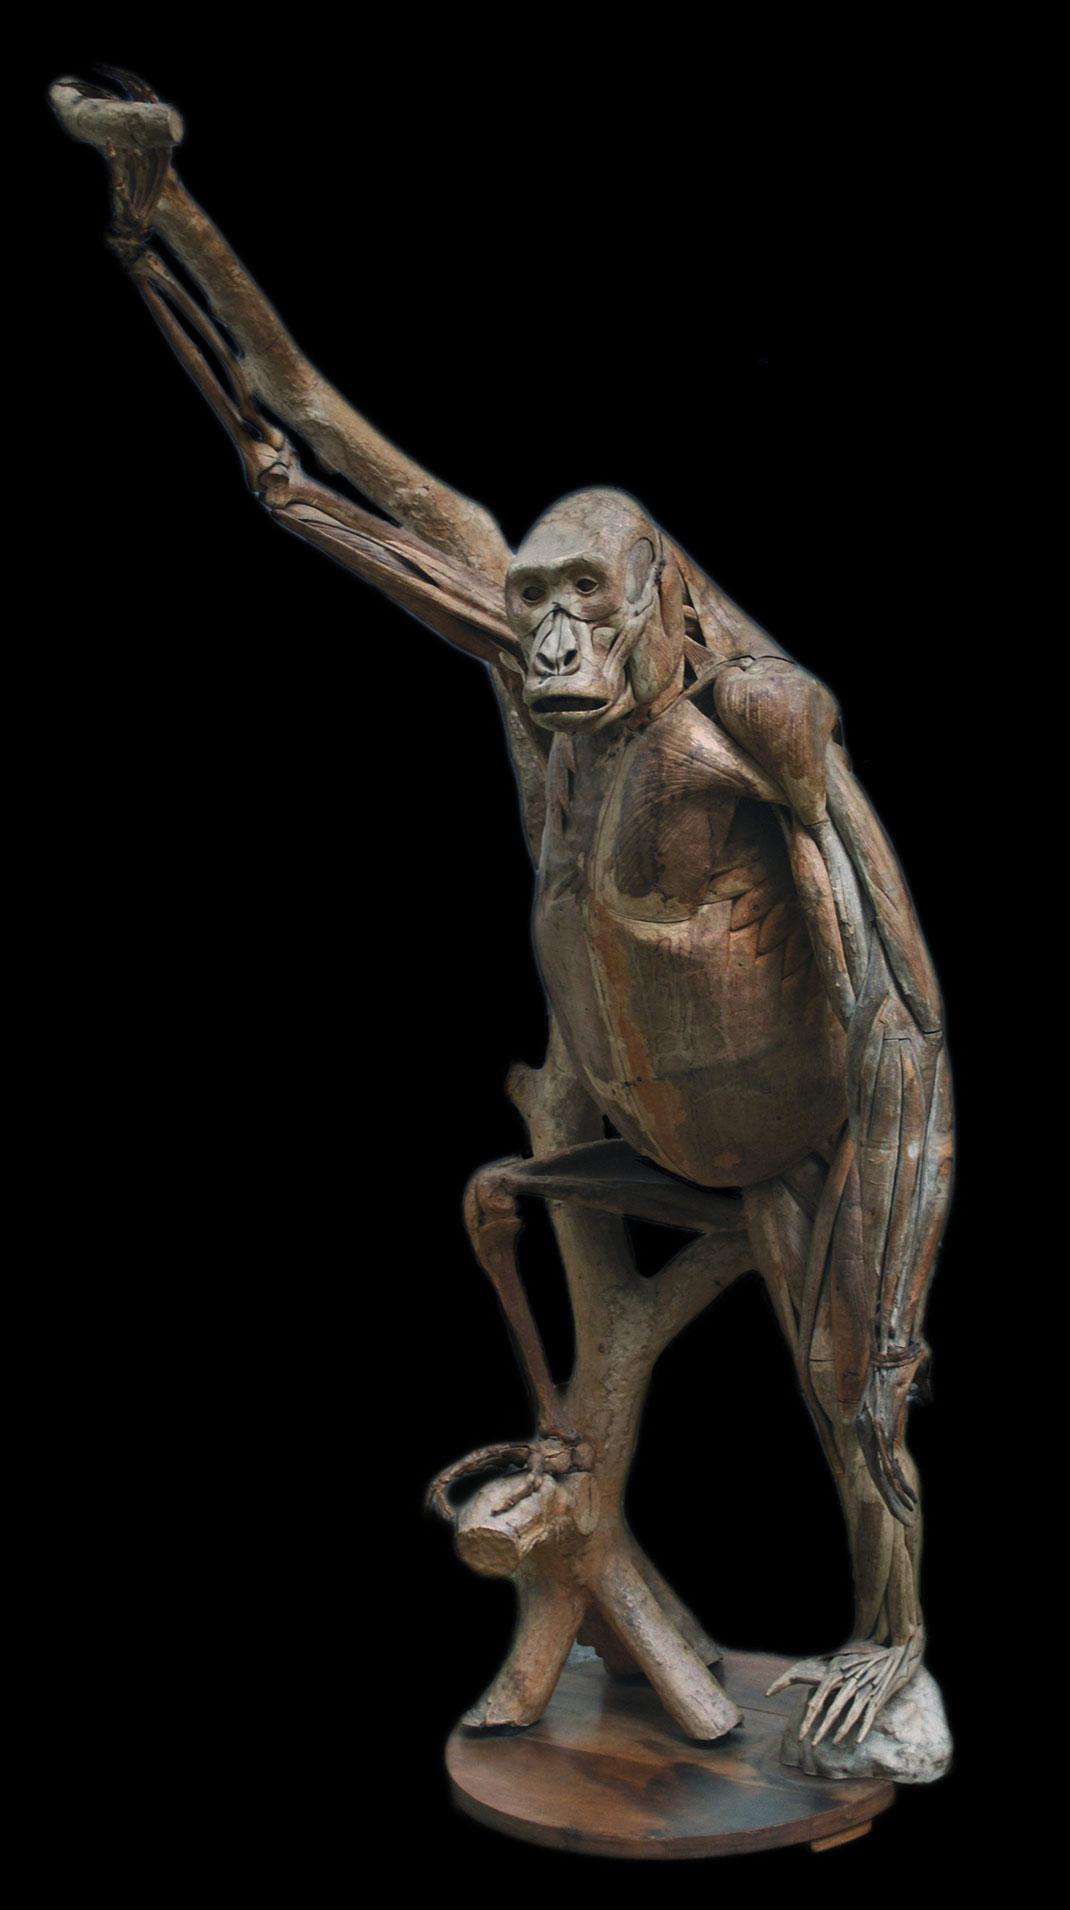 21-modele-anatomique-papier-mache